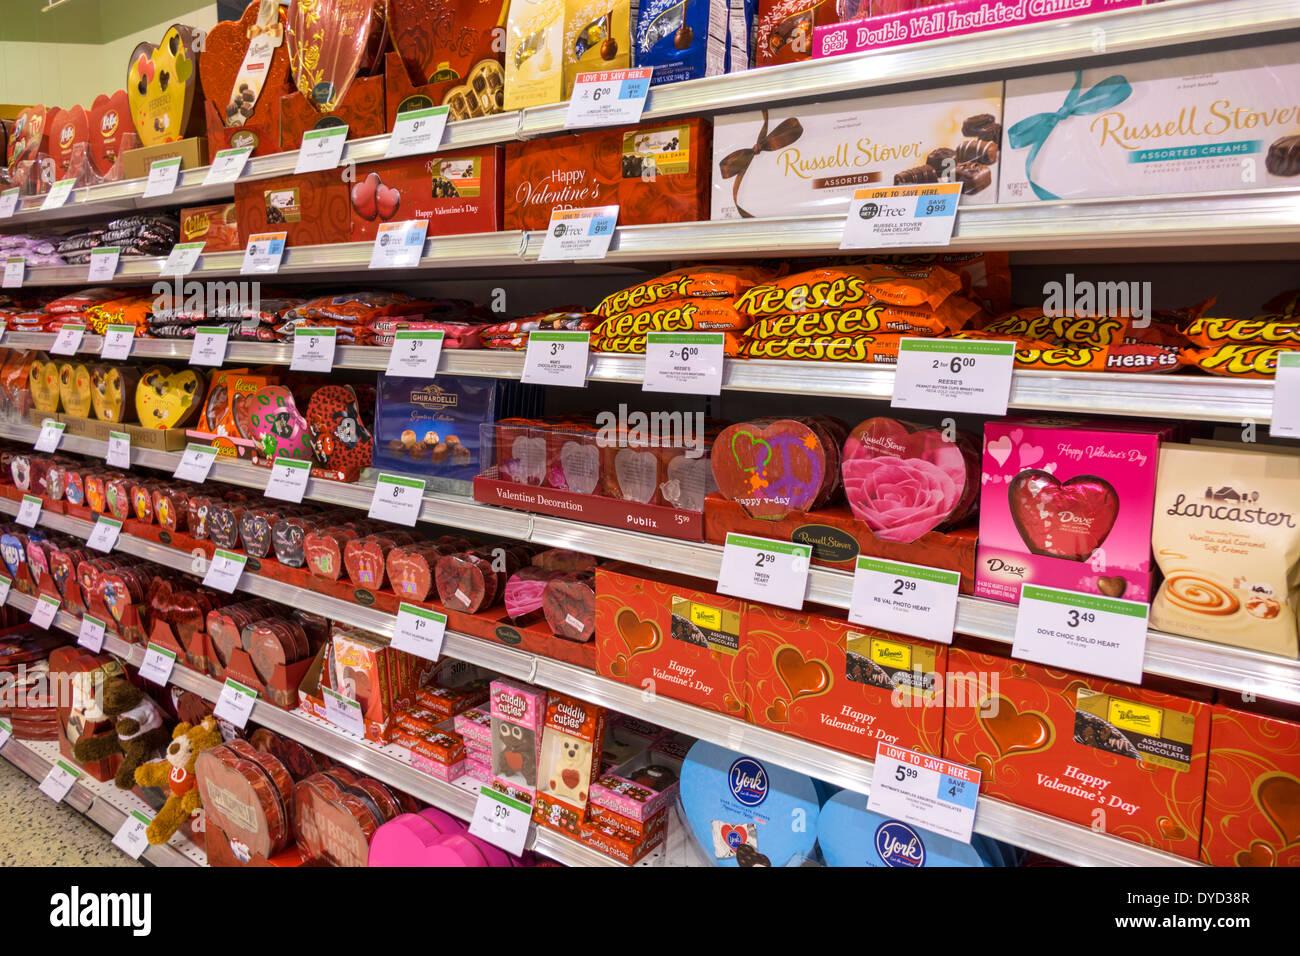 naples florida publix grocery store supermarket shelves sale, Ideas